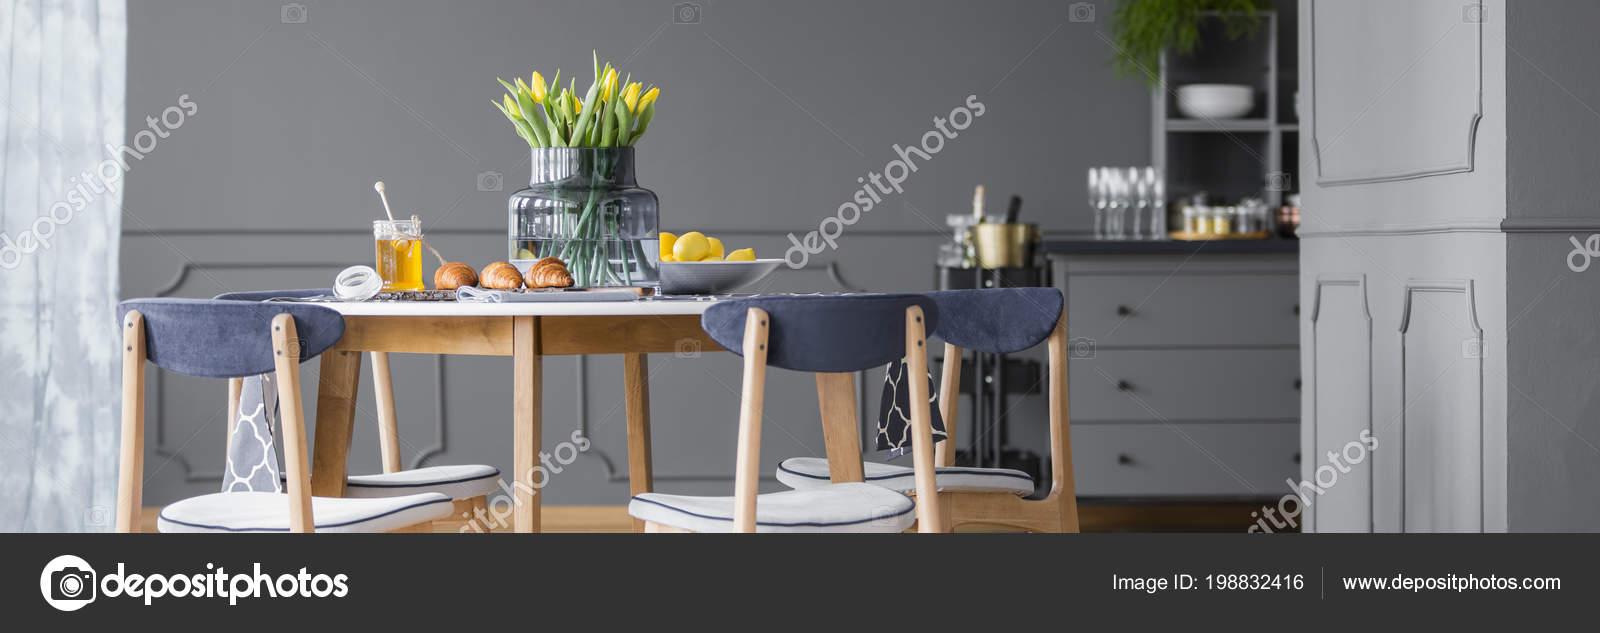 Gelbe Tulpen Auf Holztisch Mit Stuhlen Grau Rustikalen Esszimmer